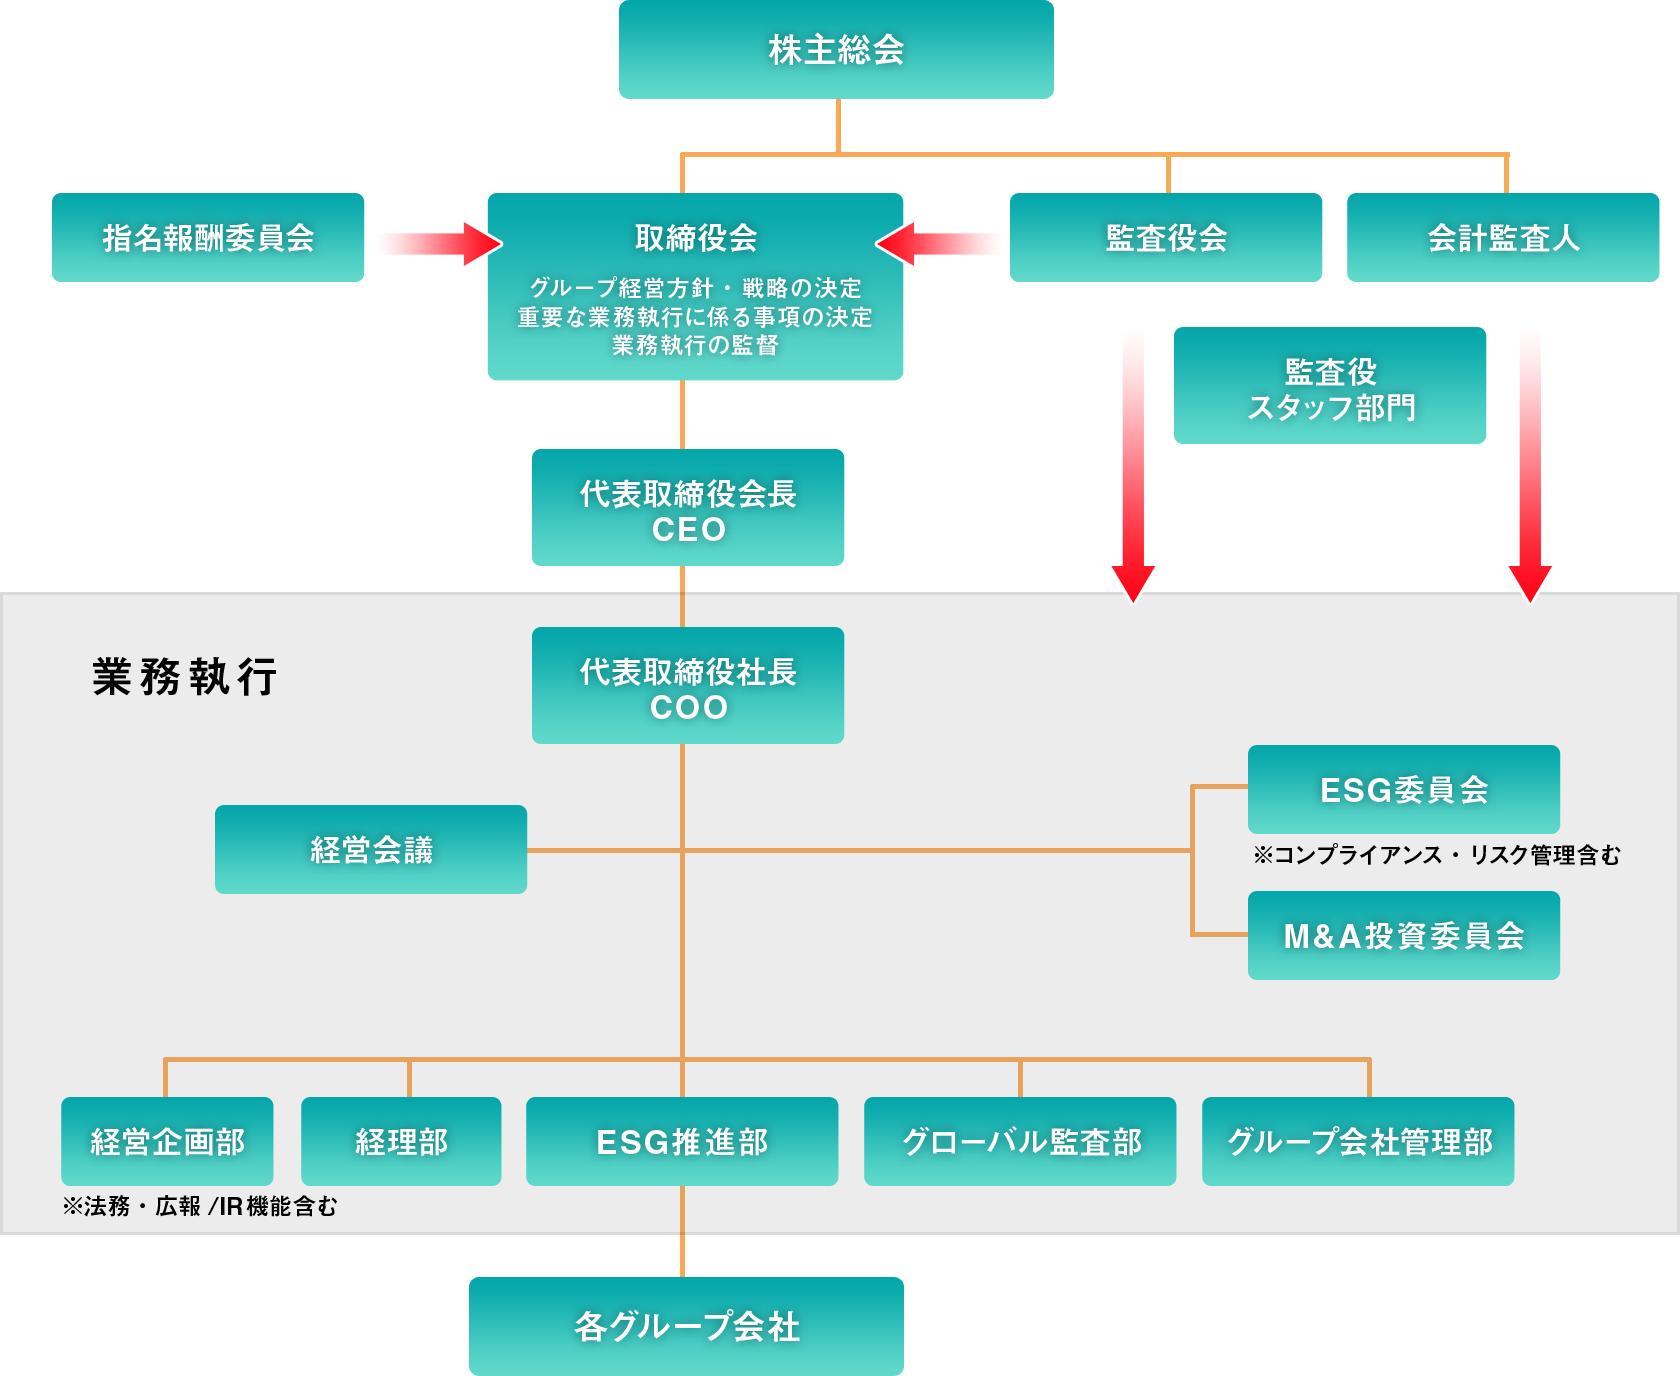 富士 フィルム ホールディングス 株価